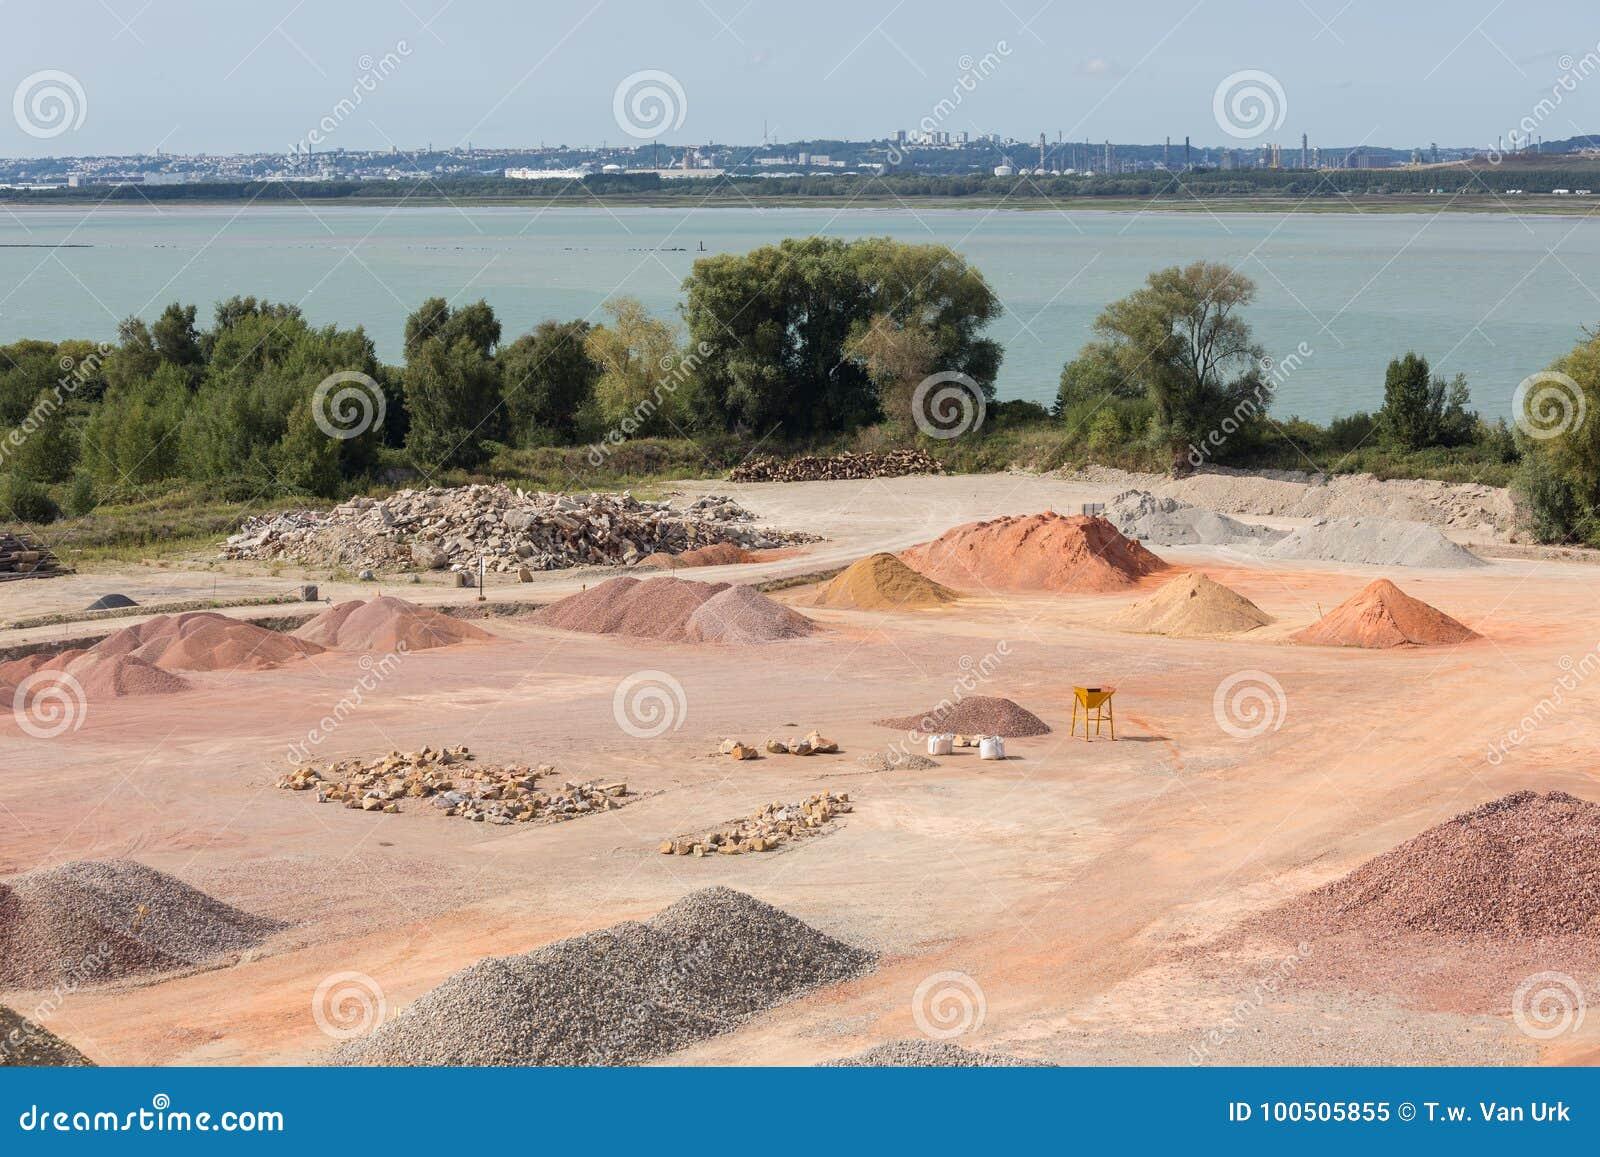 Kreatursinhägnad av sander, kiselstenar och aggregat nära Le Havre, Frankrike